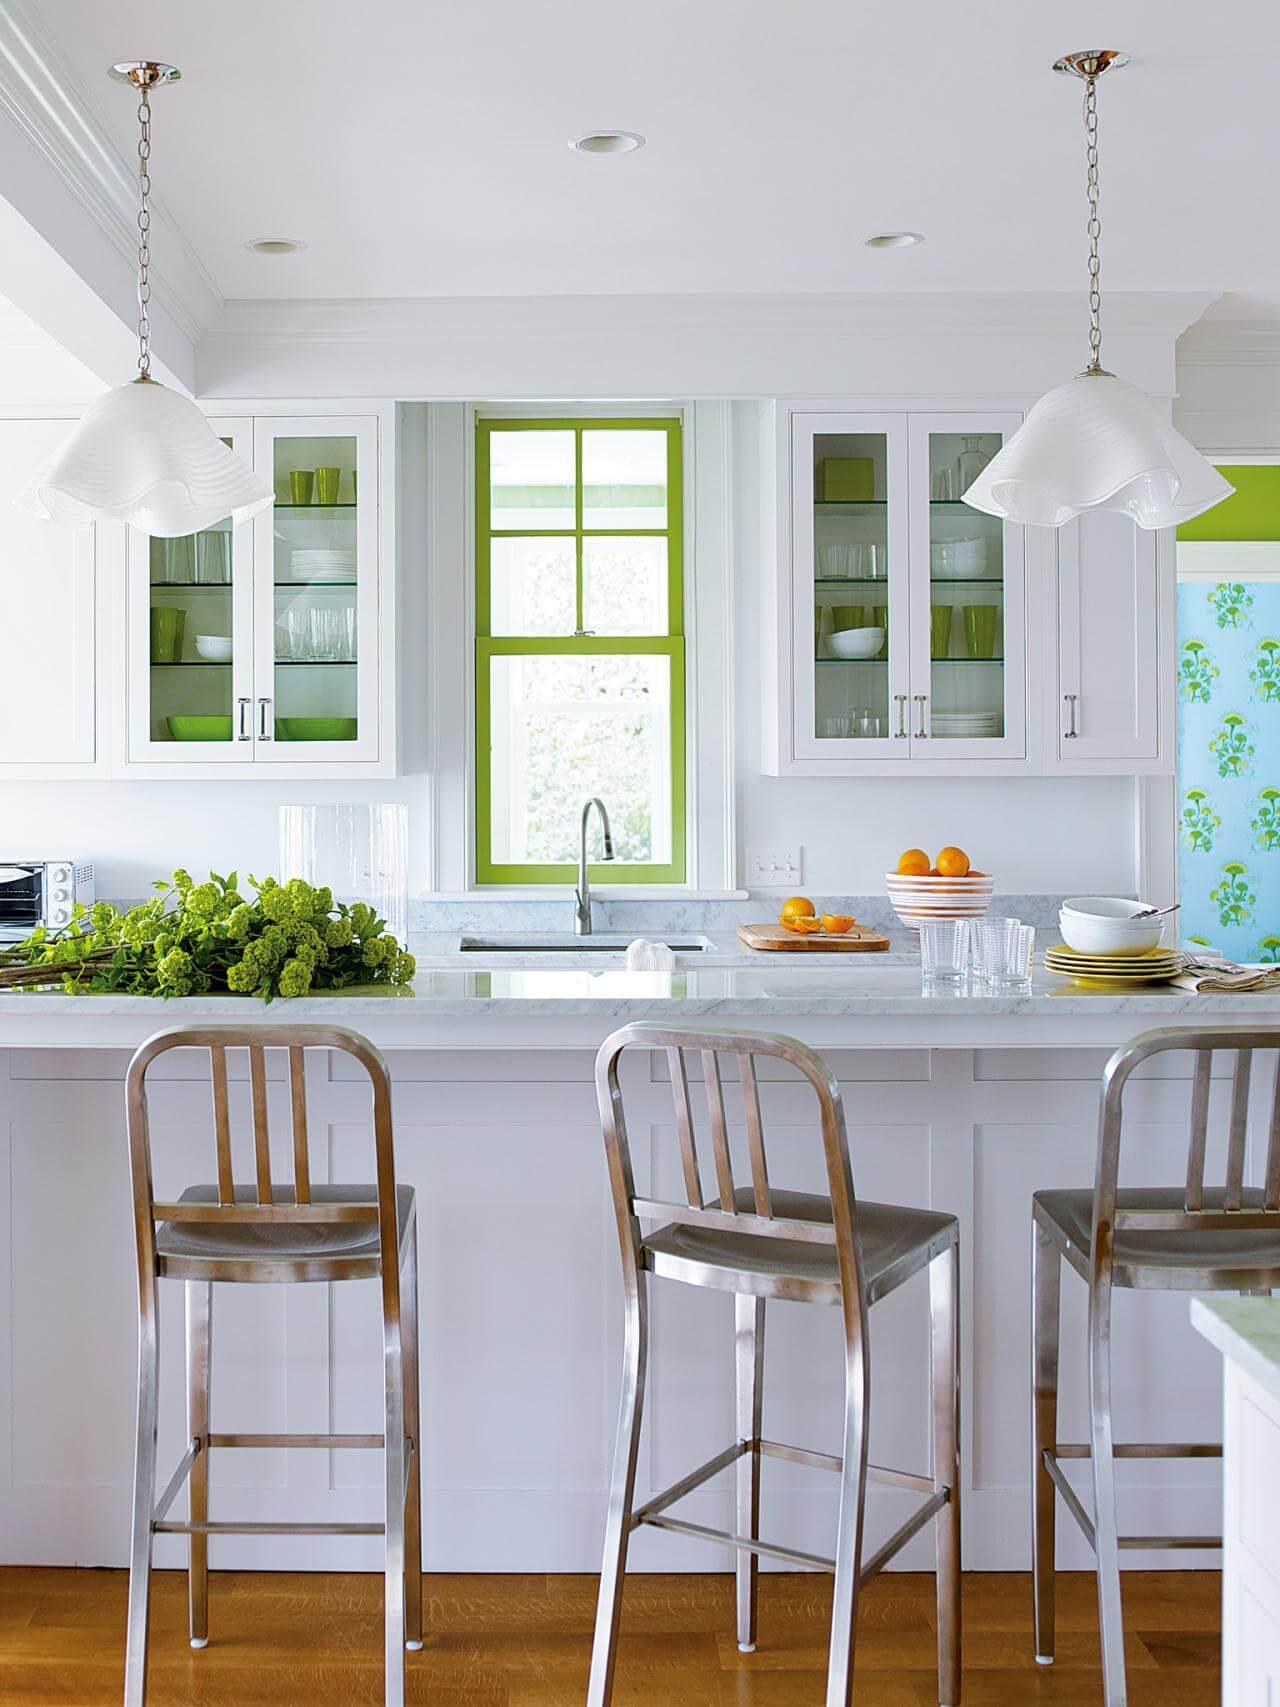 Sơn phòng bếp đẹp, không cầu kỳ tạo những bảng màu lớn hay nhiều bảng màu, kết hợp màu xanh khung cửa, chi tiết nhỏ nhưng đủ tạo cá tính cho phòng bếp.